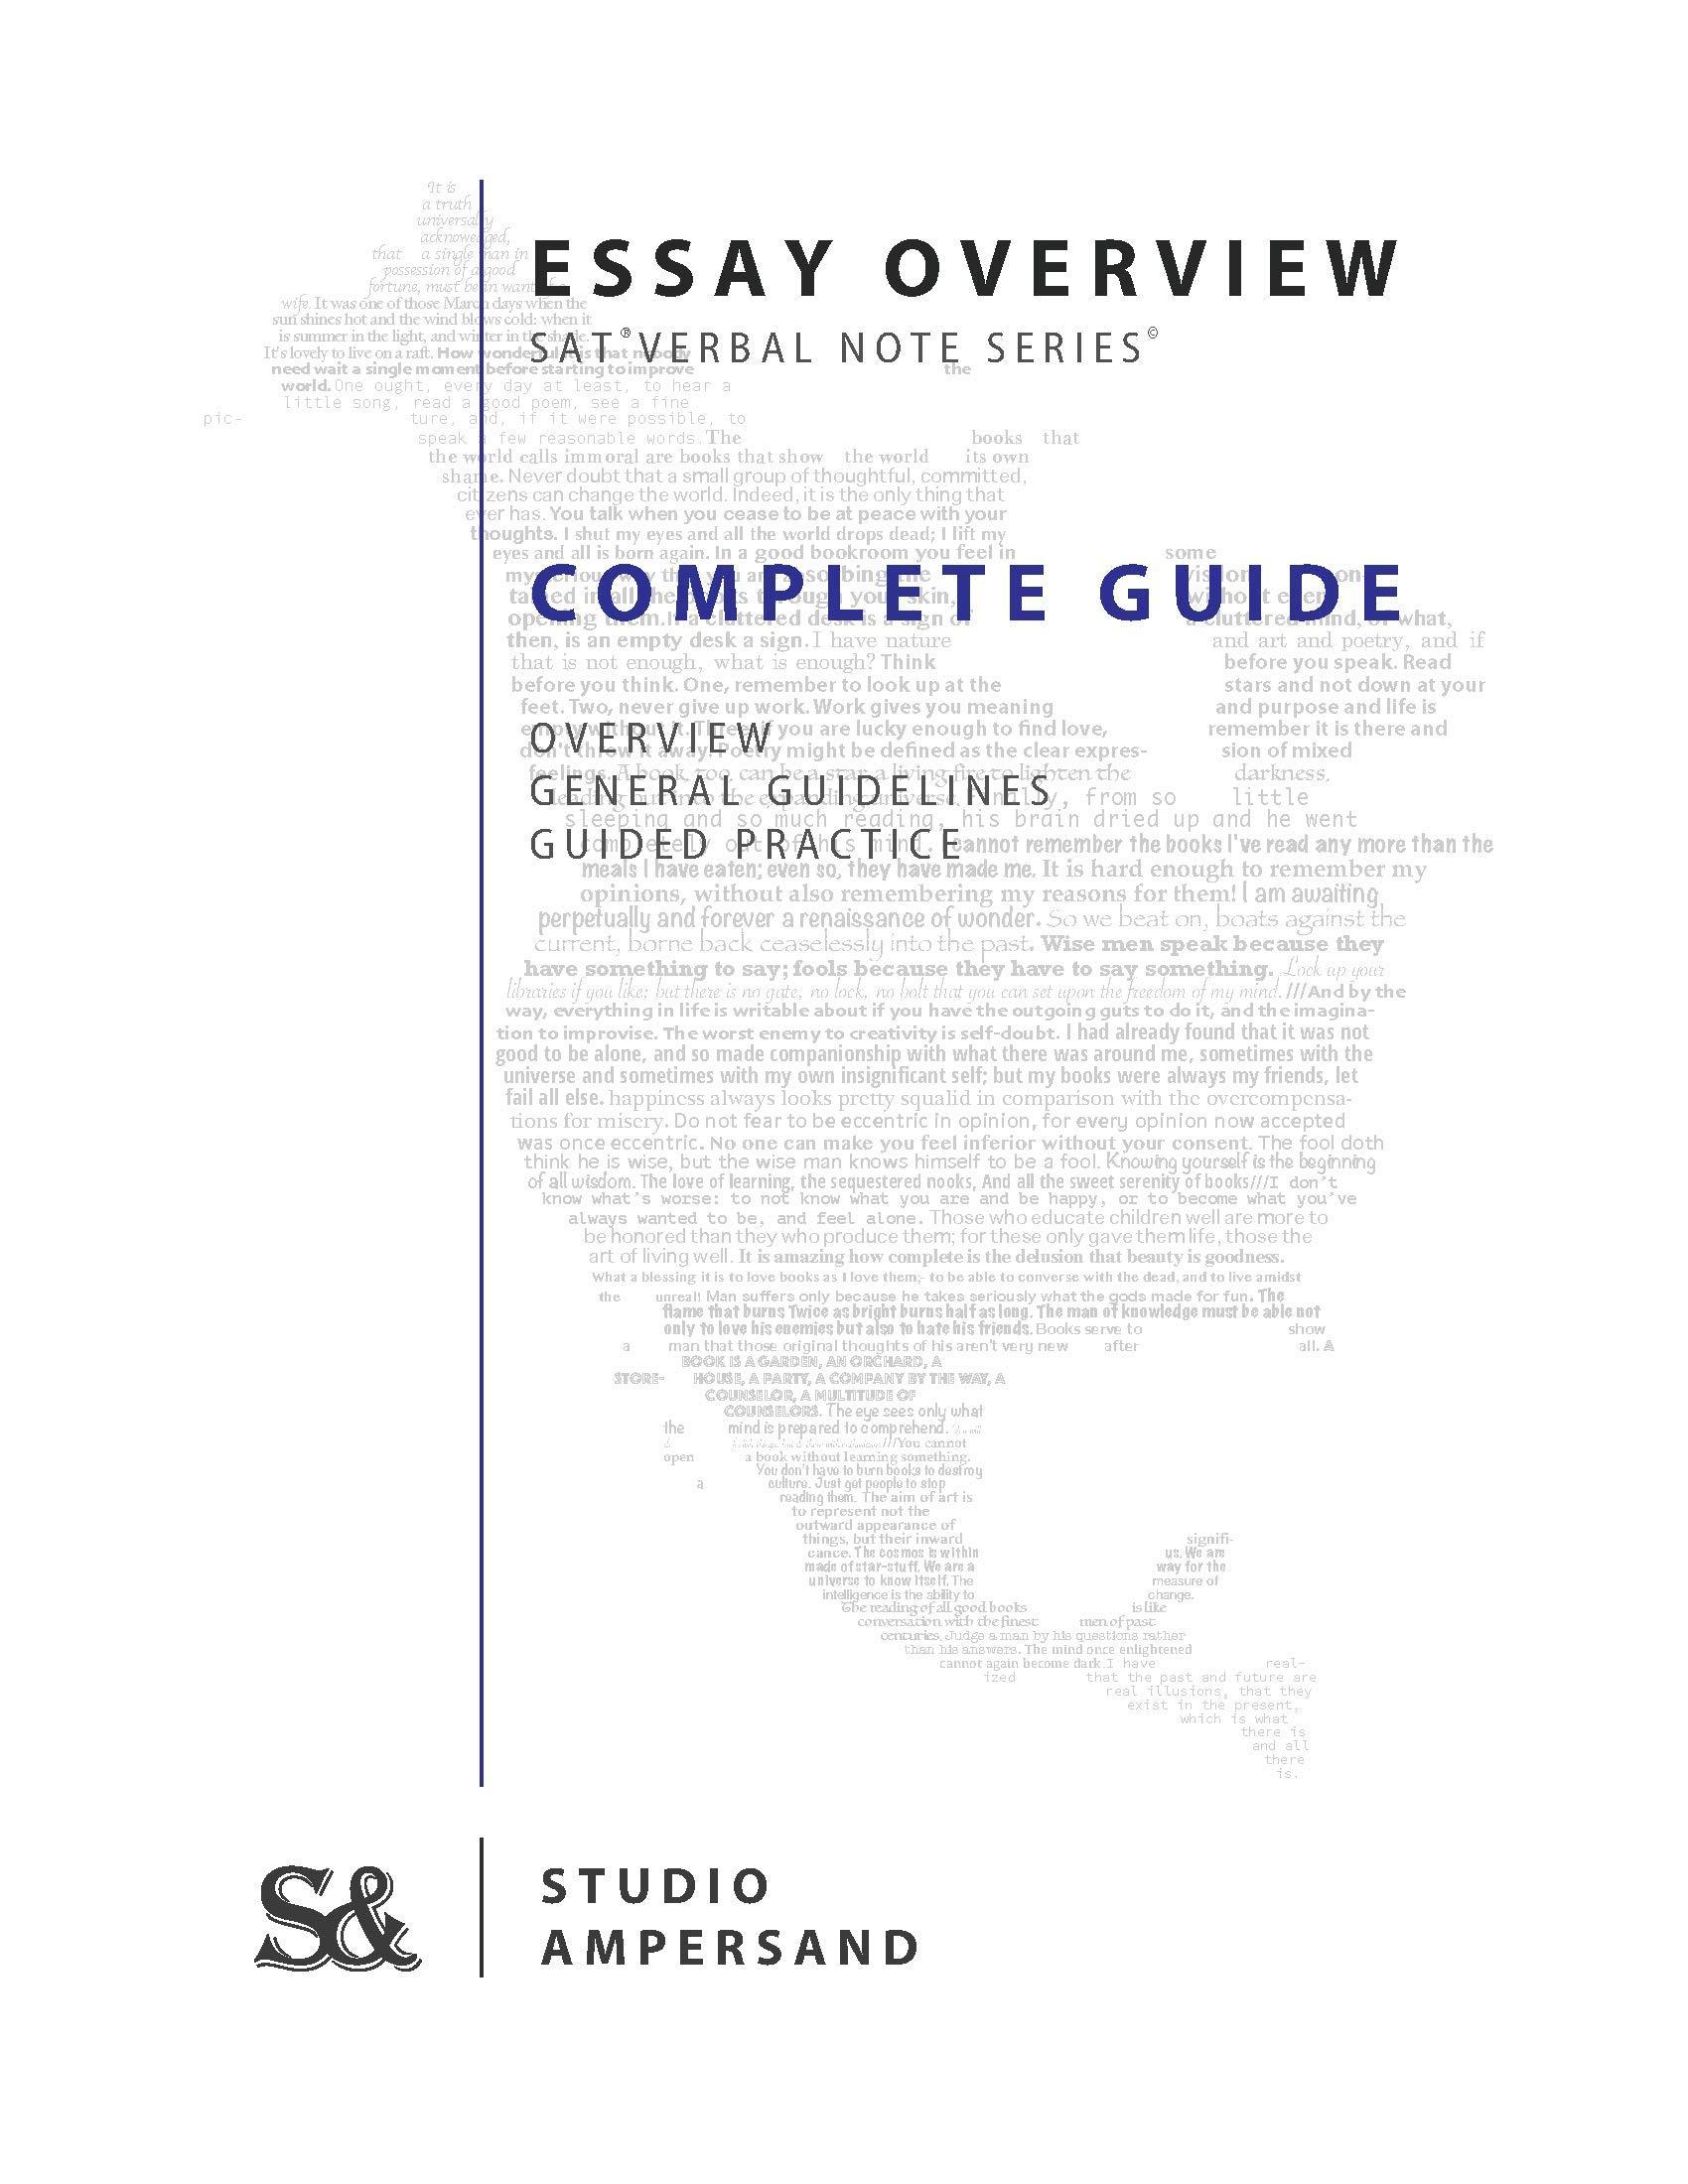 SAT Verbal Note Series: Essay Guide: Studio Ampersand